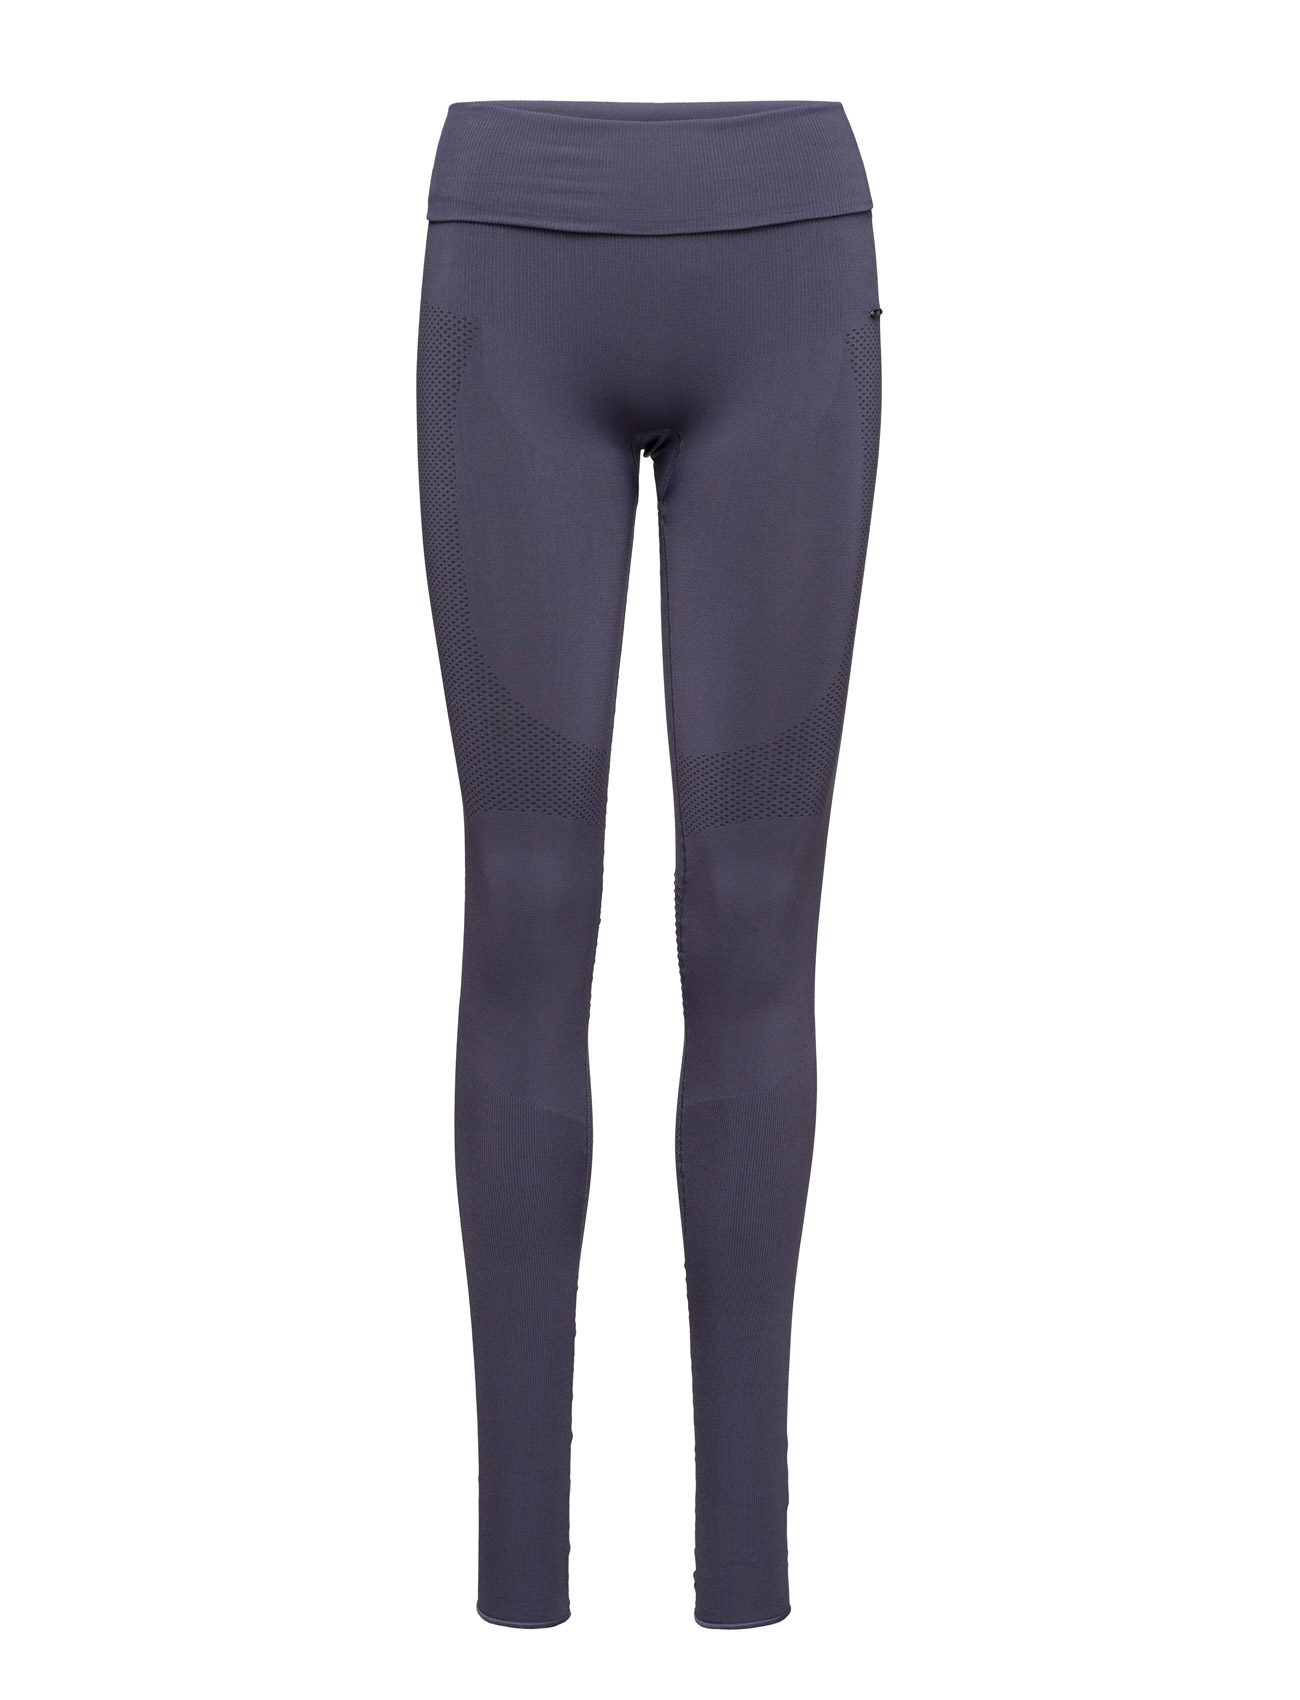 Long Leg Tights Casall Trænings leggings til Damer i